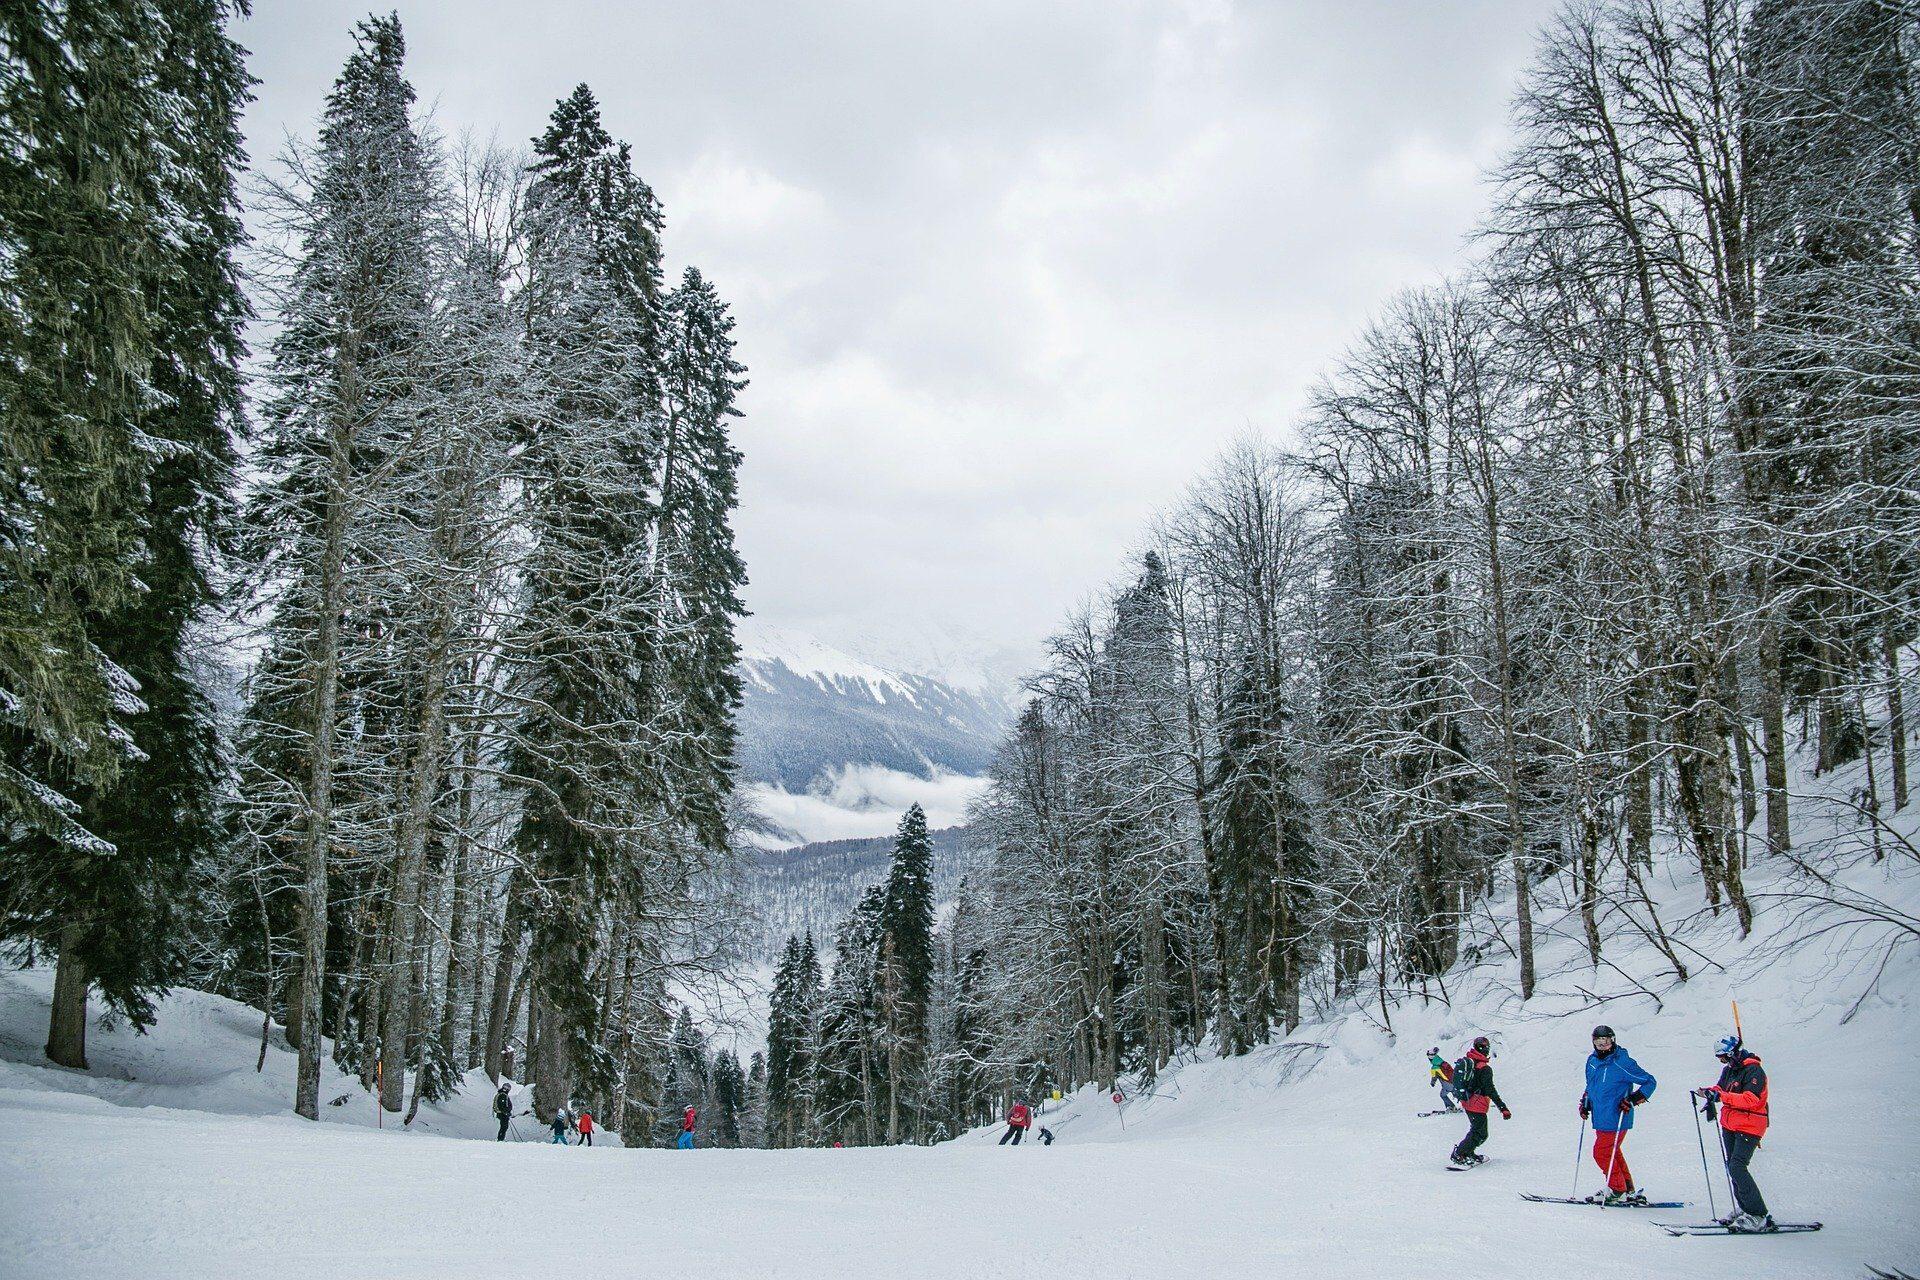 snow-5828736_1920.jpg